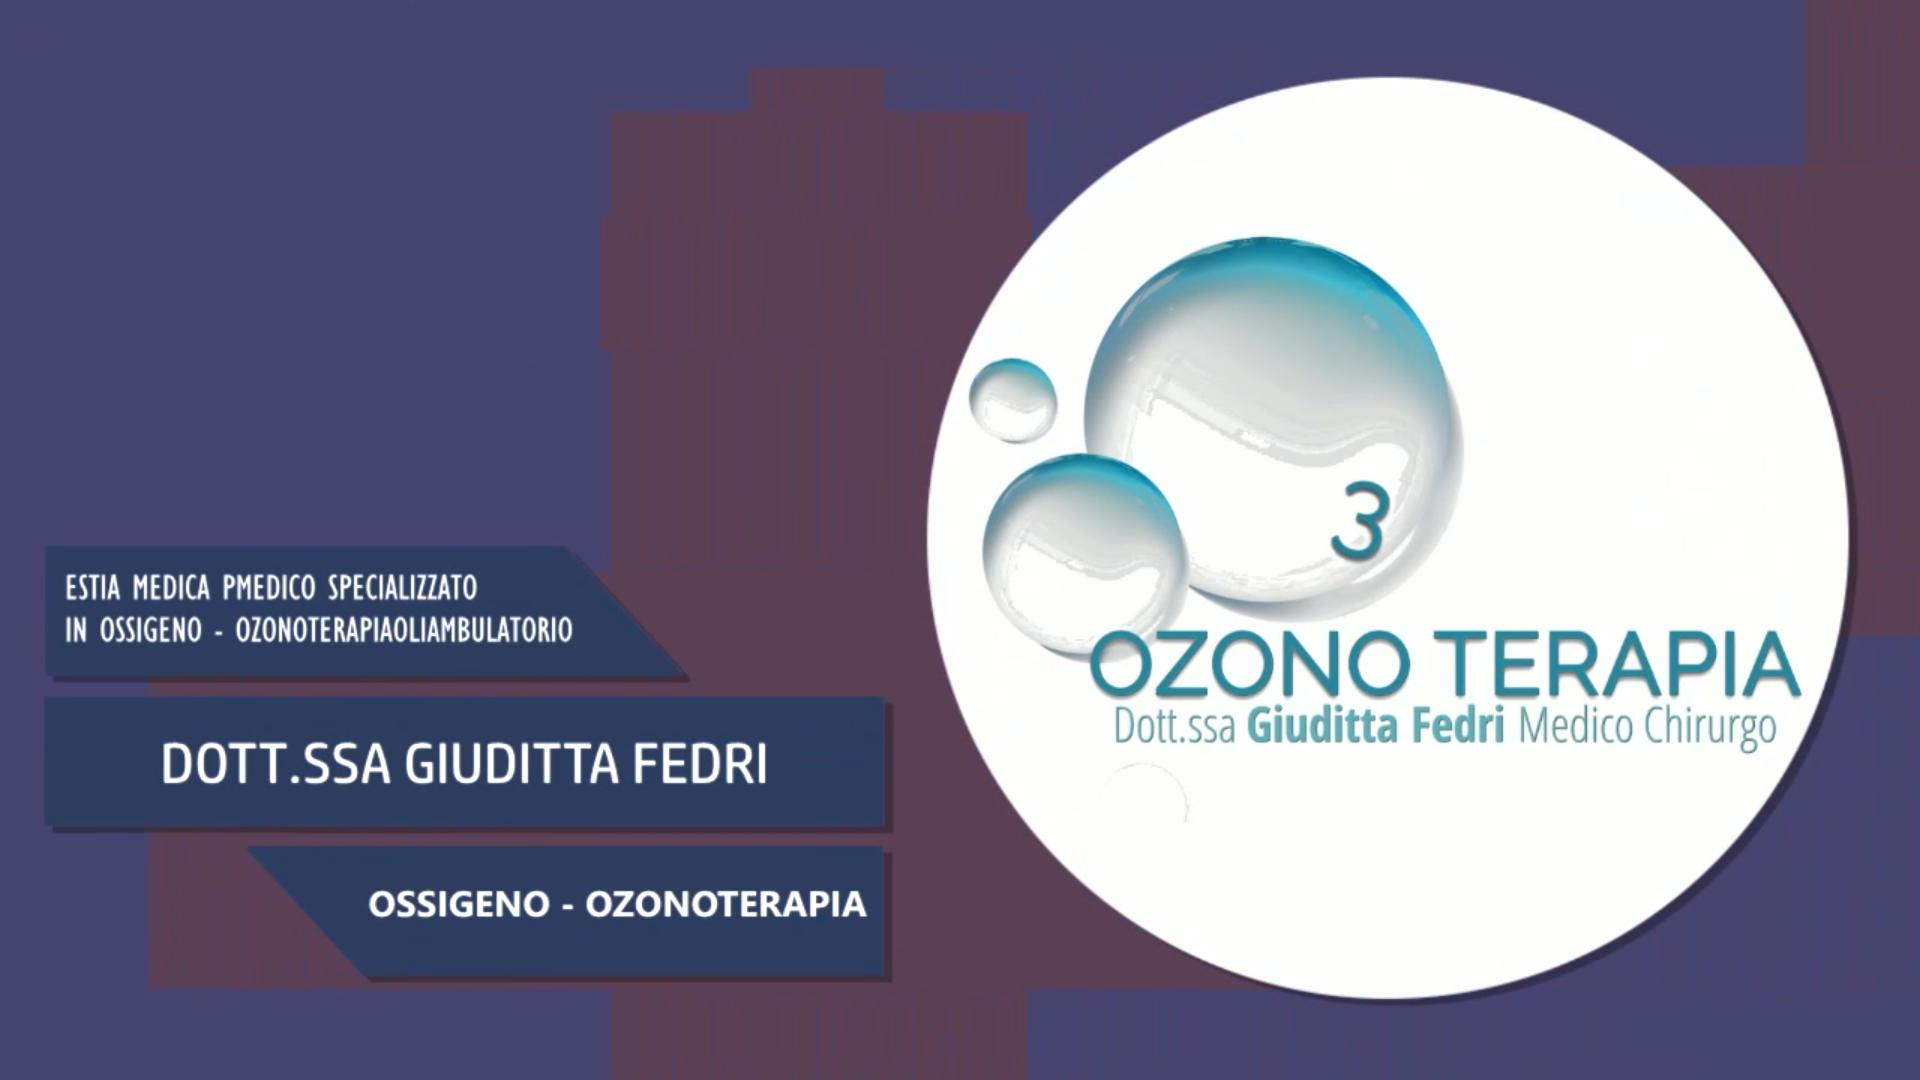 Intervista alla Dott.ssa Giuditta Fedri – Ossigeno – Ozonoterapia